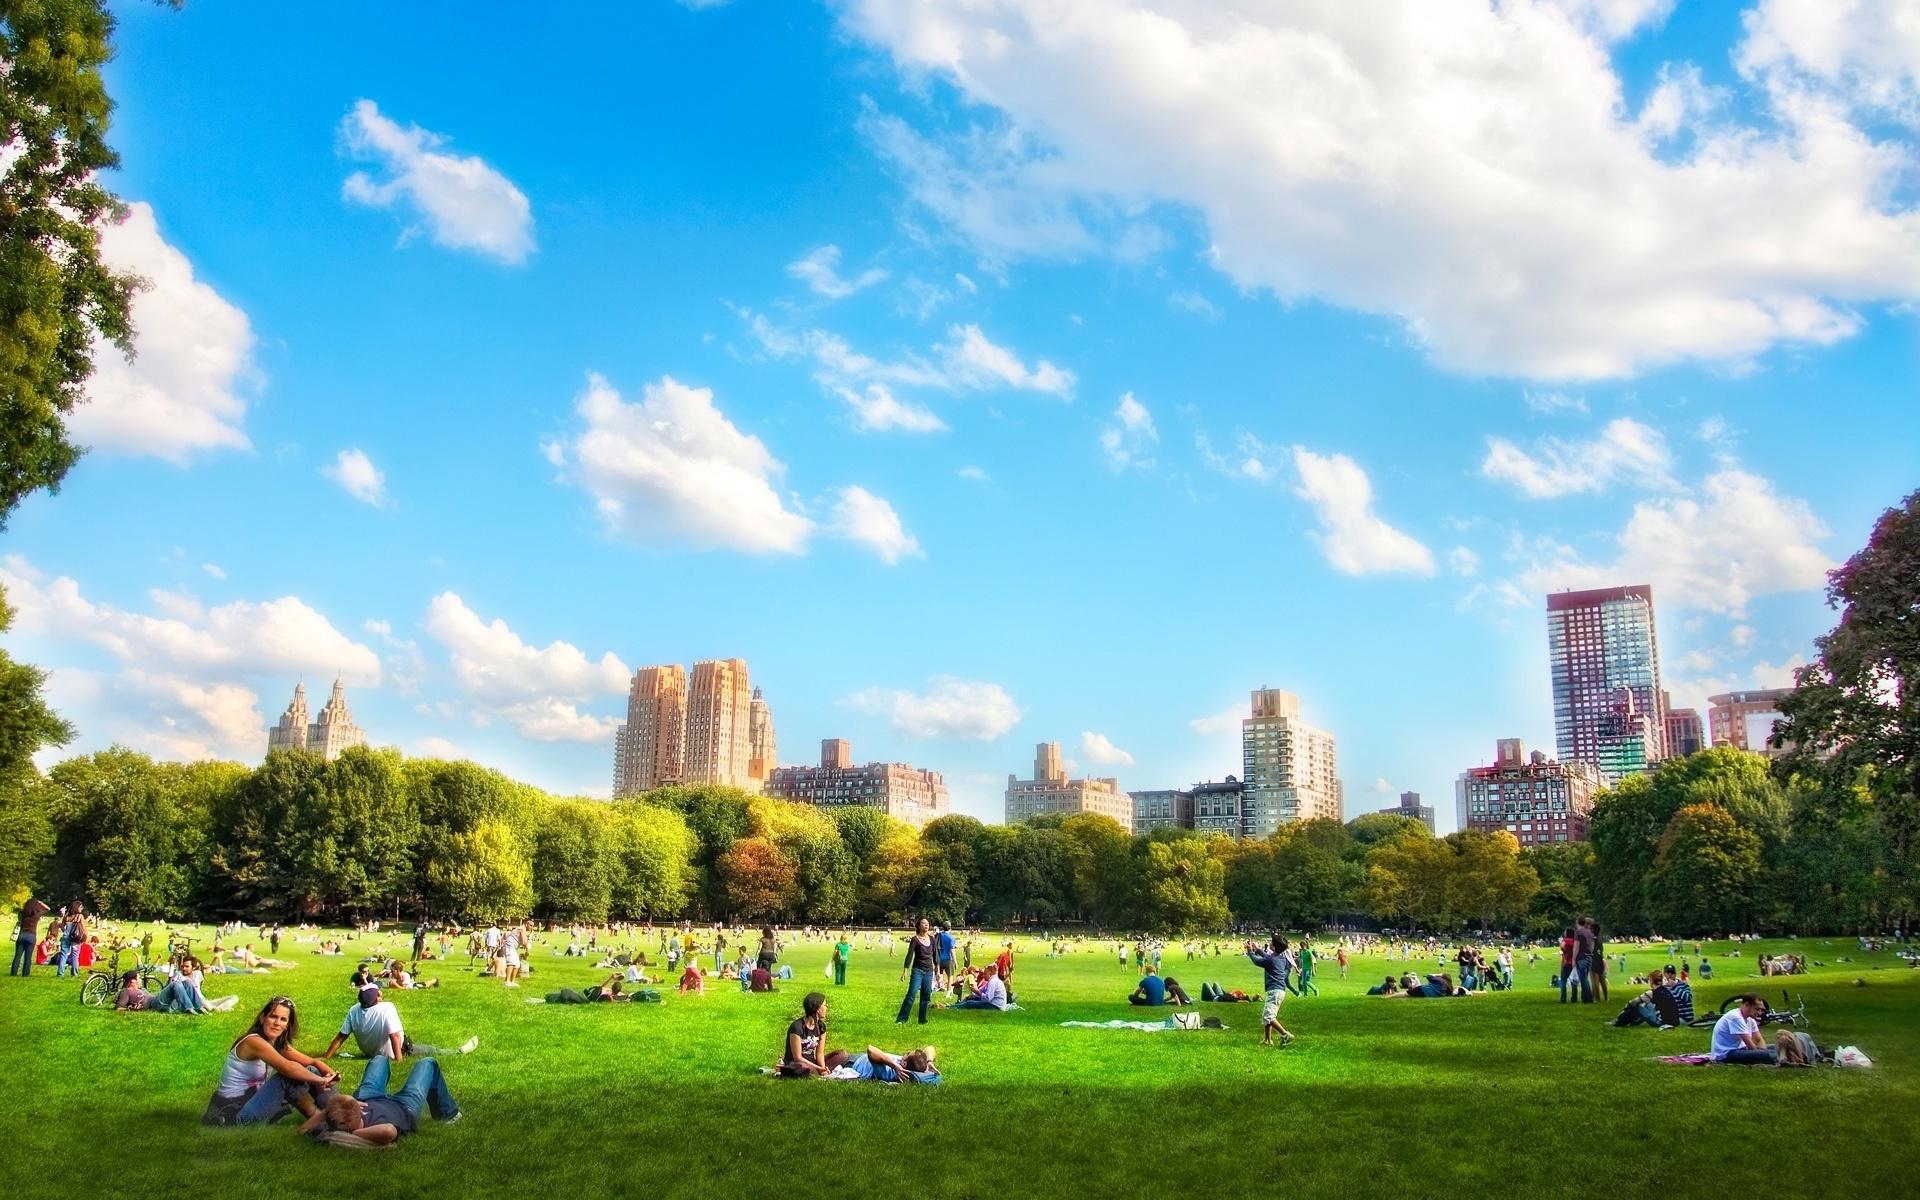 Central park desktop clipart.